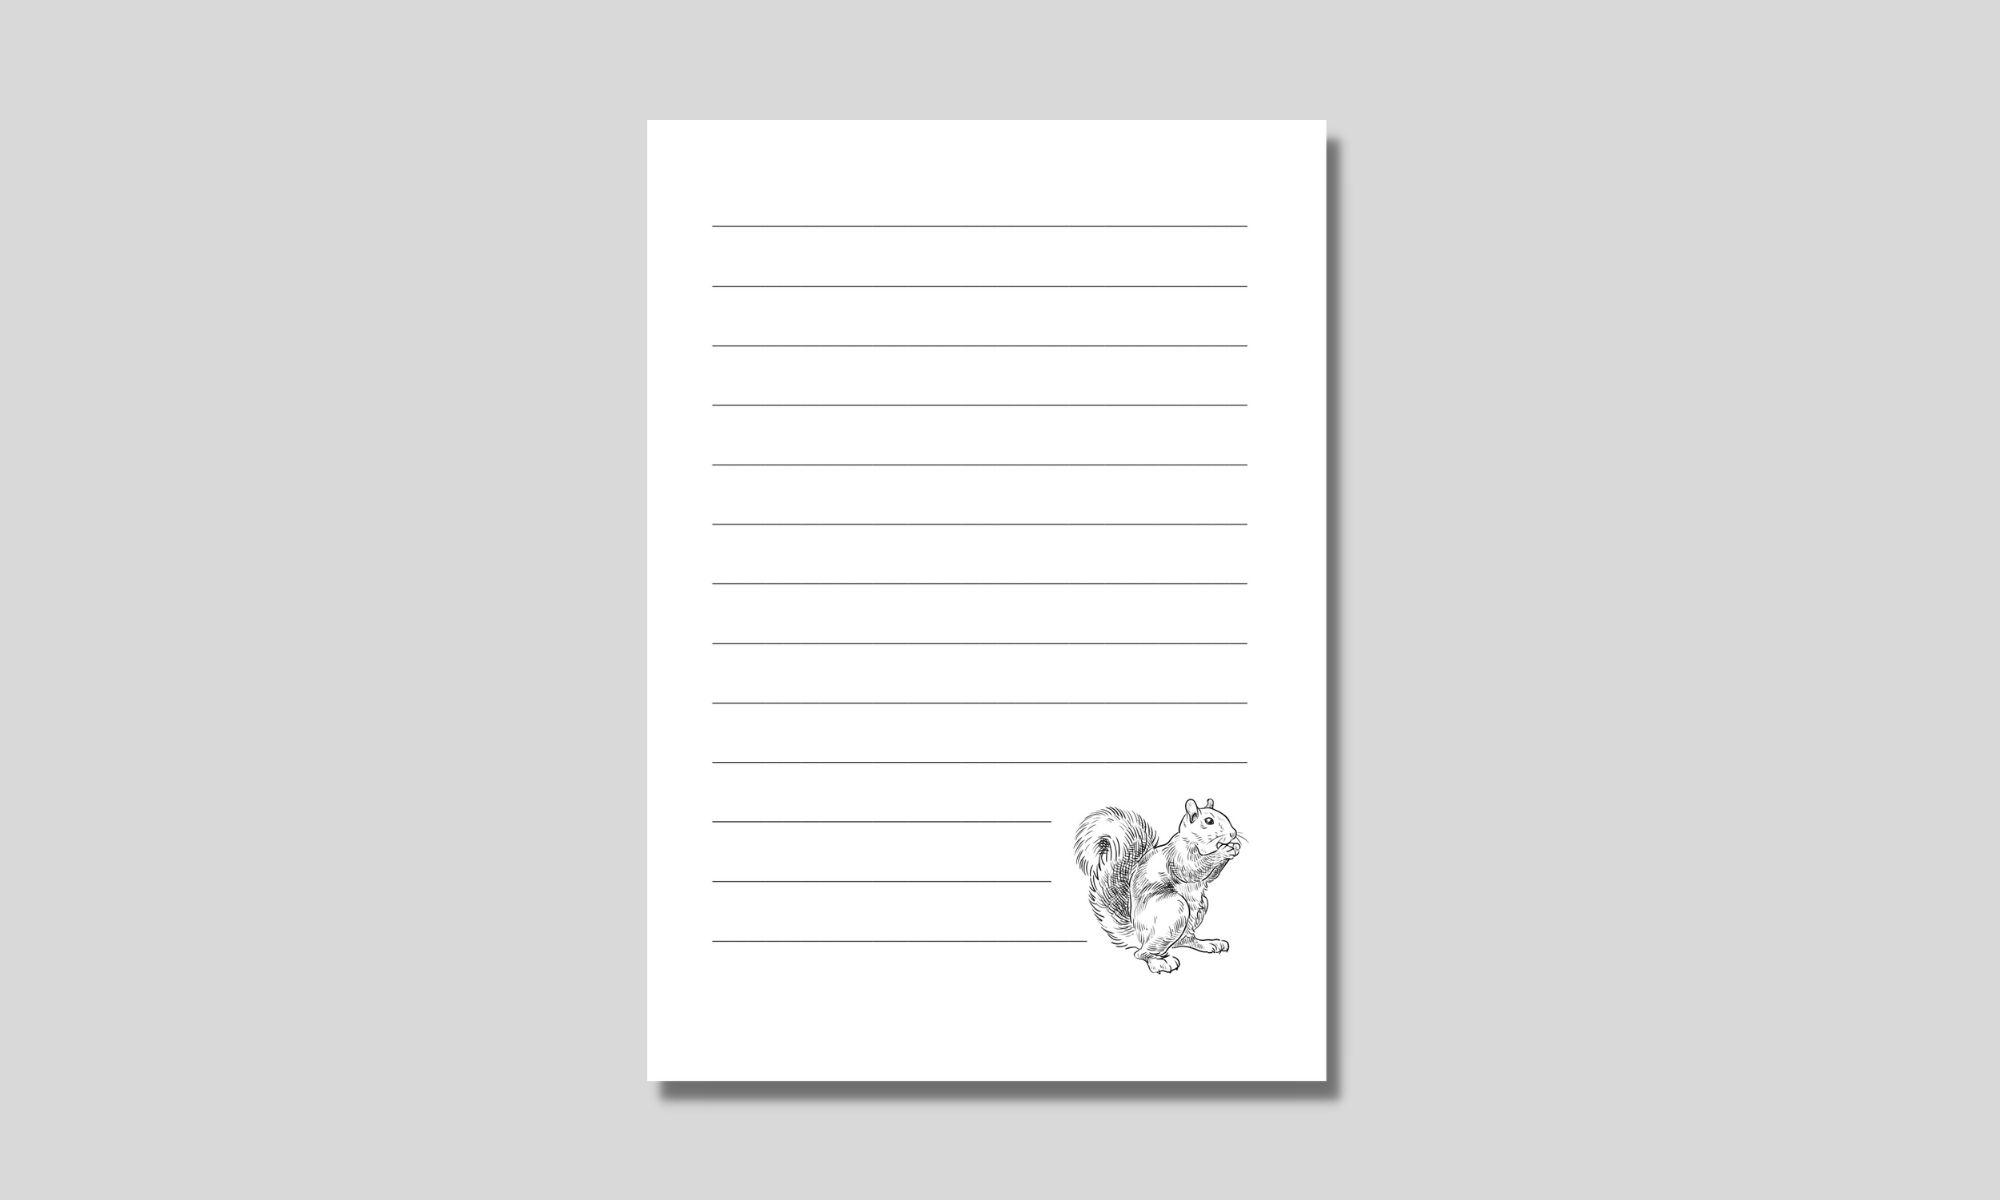 enkelt linjerat papper med ekorre